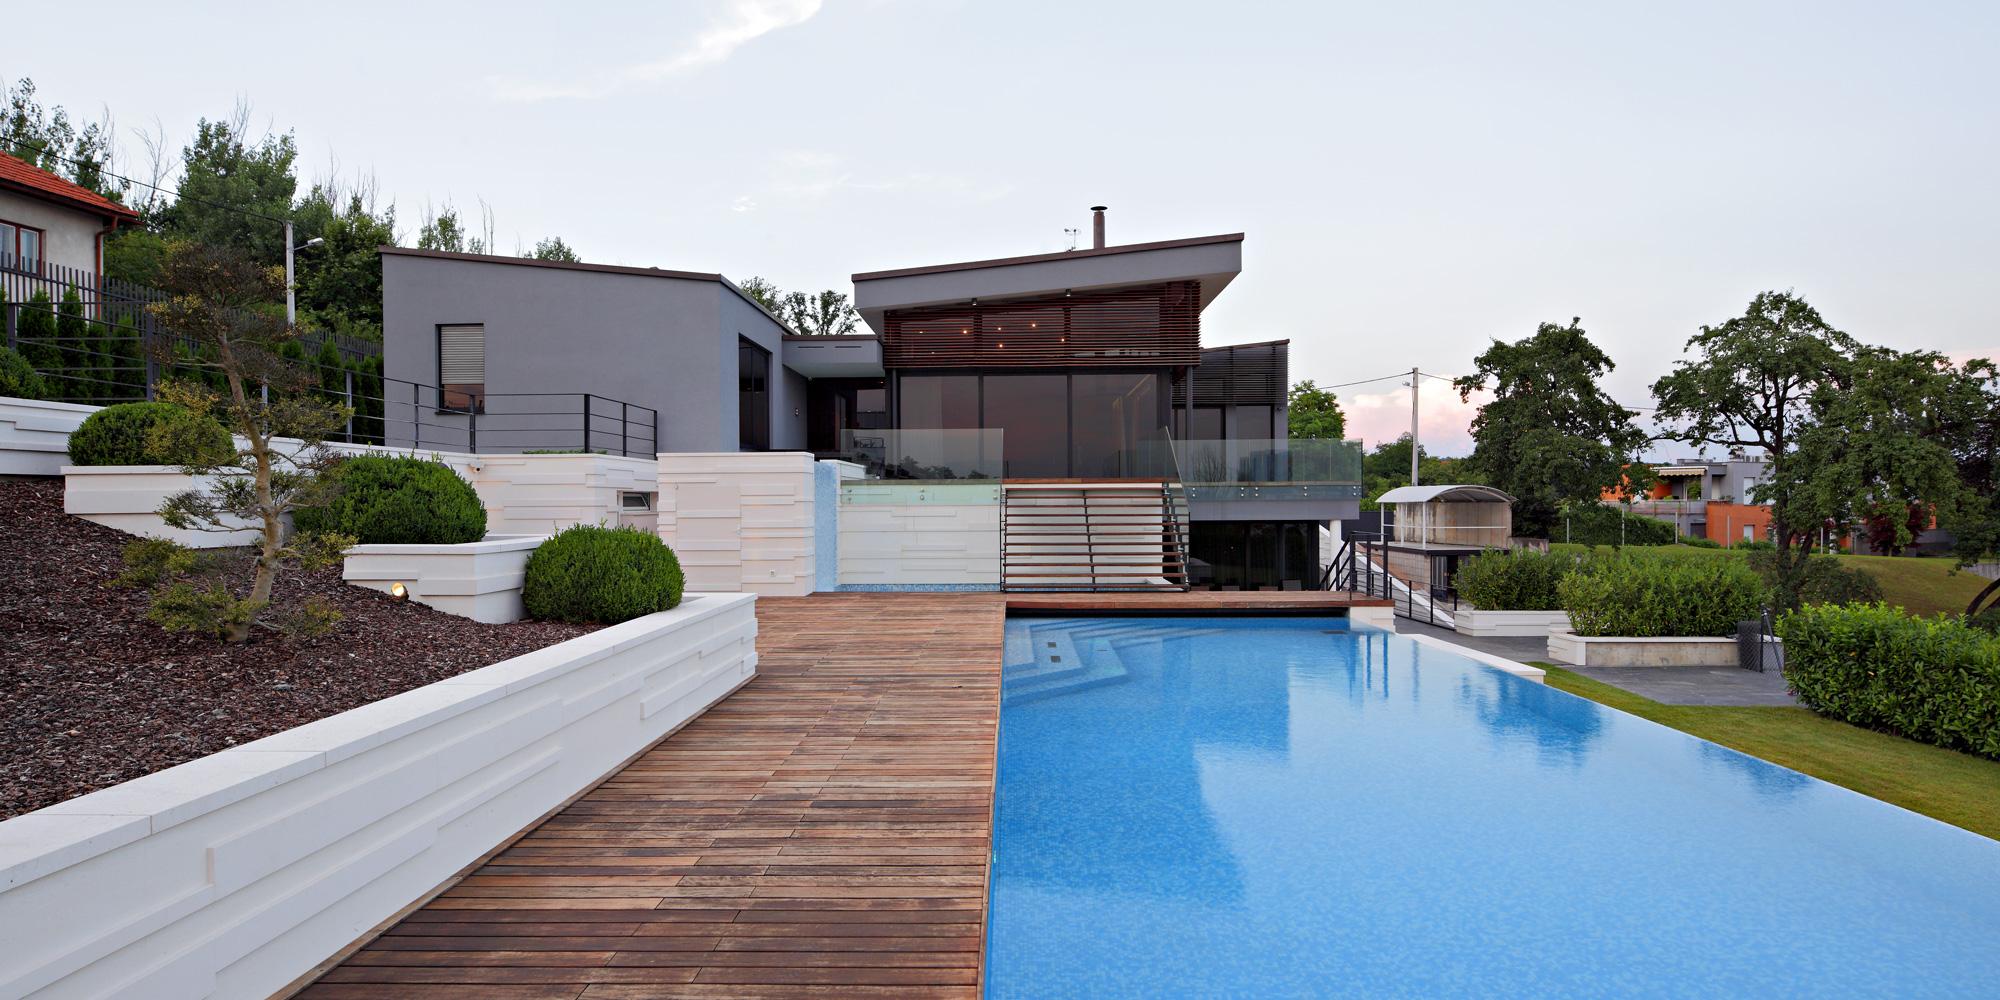 ten-house-004